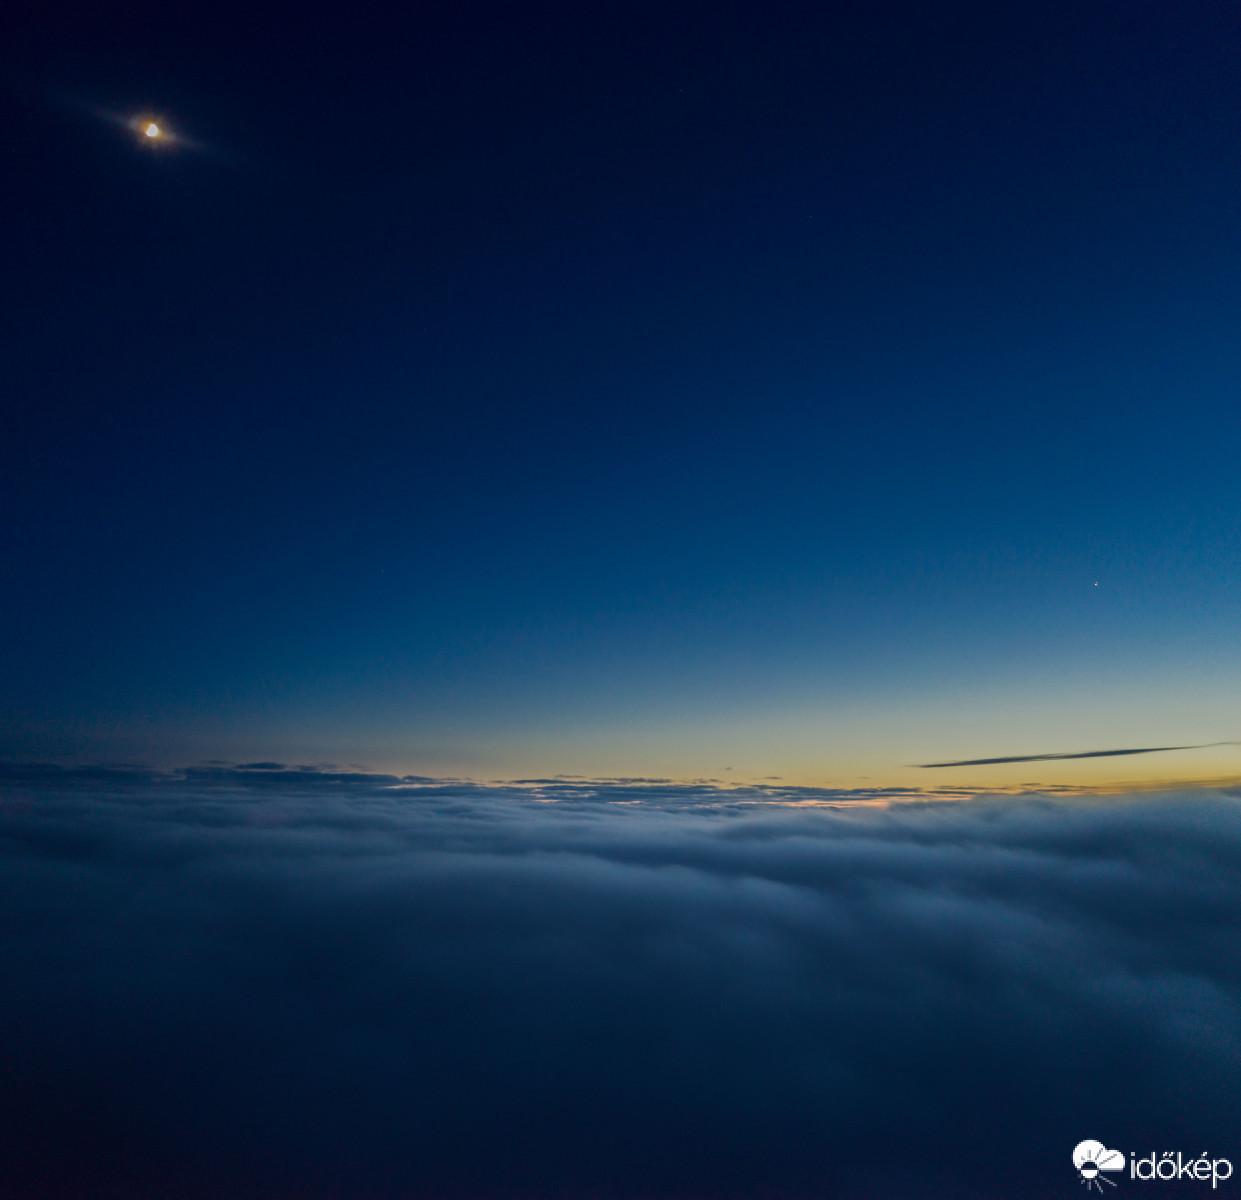 Novák Gábor drónt reptetett Dobogókőről – az eszköz 400 méternyi ködön átrepülve, körülbelül 1150 méter tengerszintfeletti magasságból többek között ezt a képet készítette